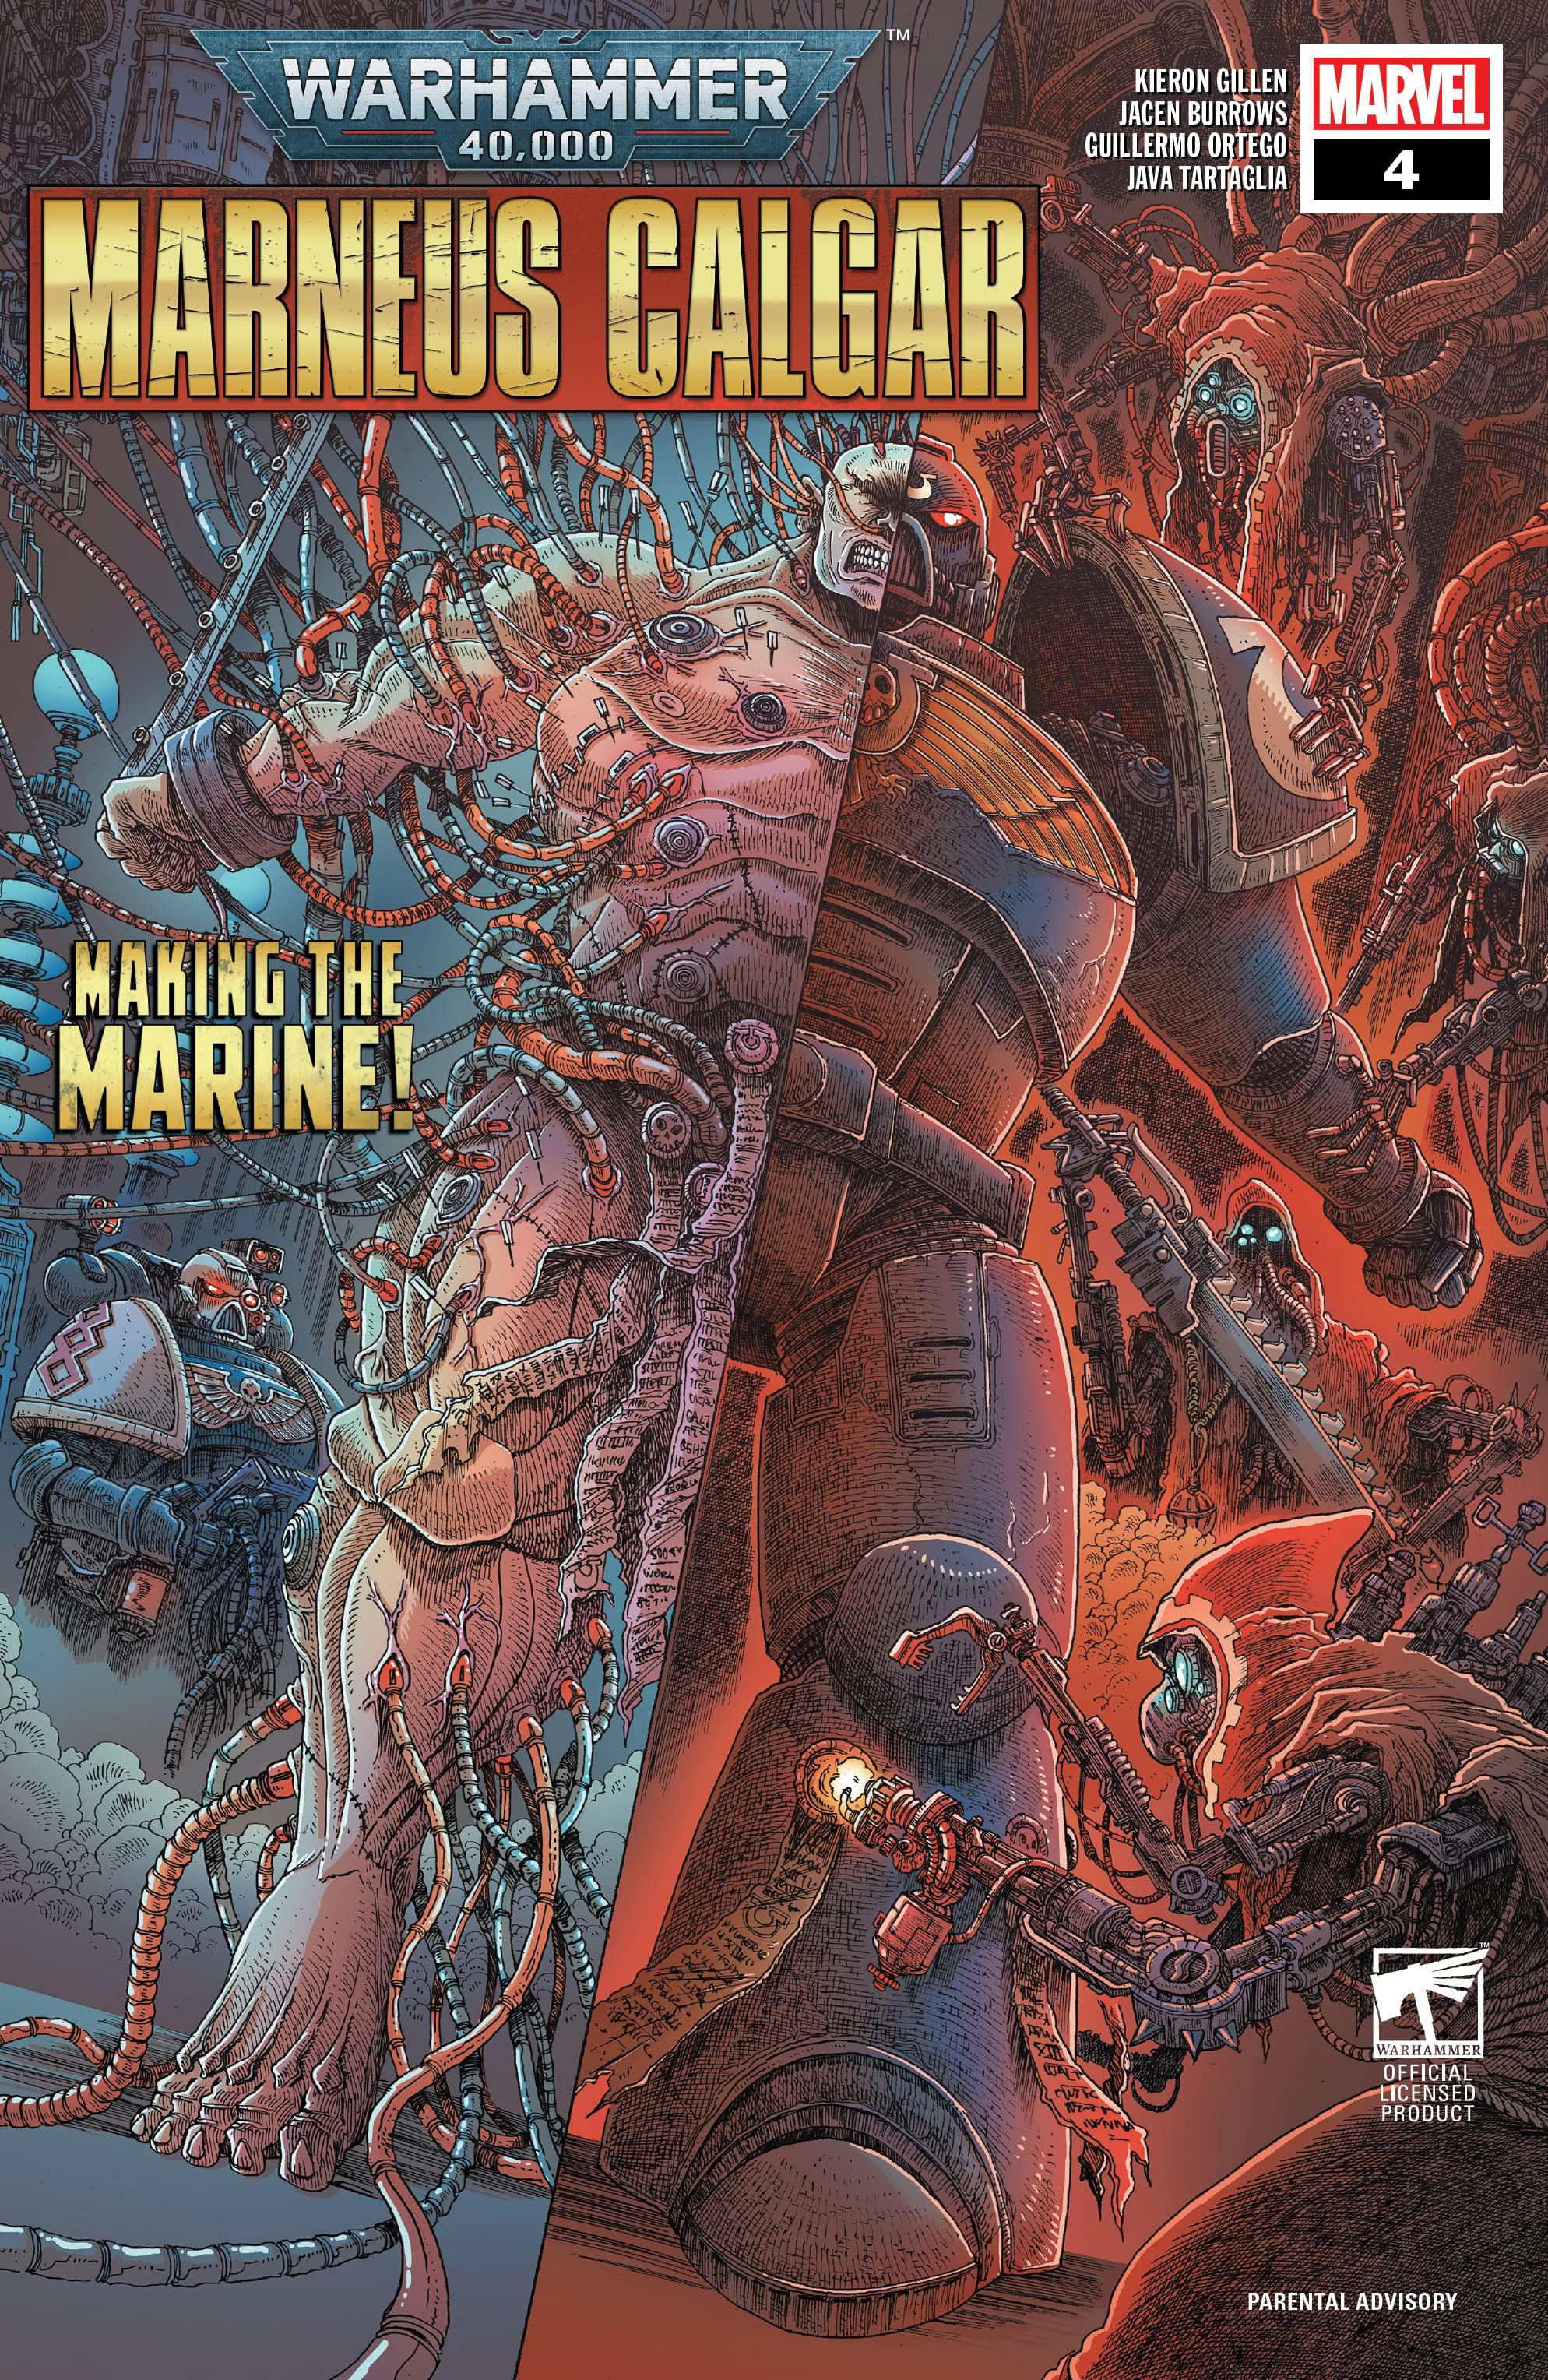 Warhammer 40,000: Marneus Calgar Vol 1 4